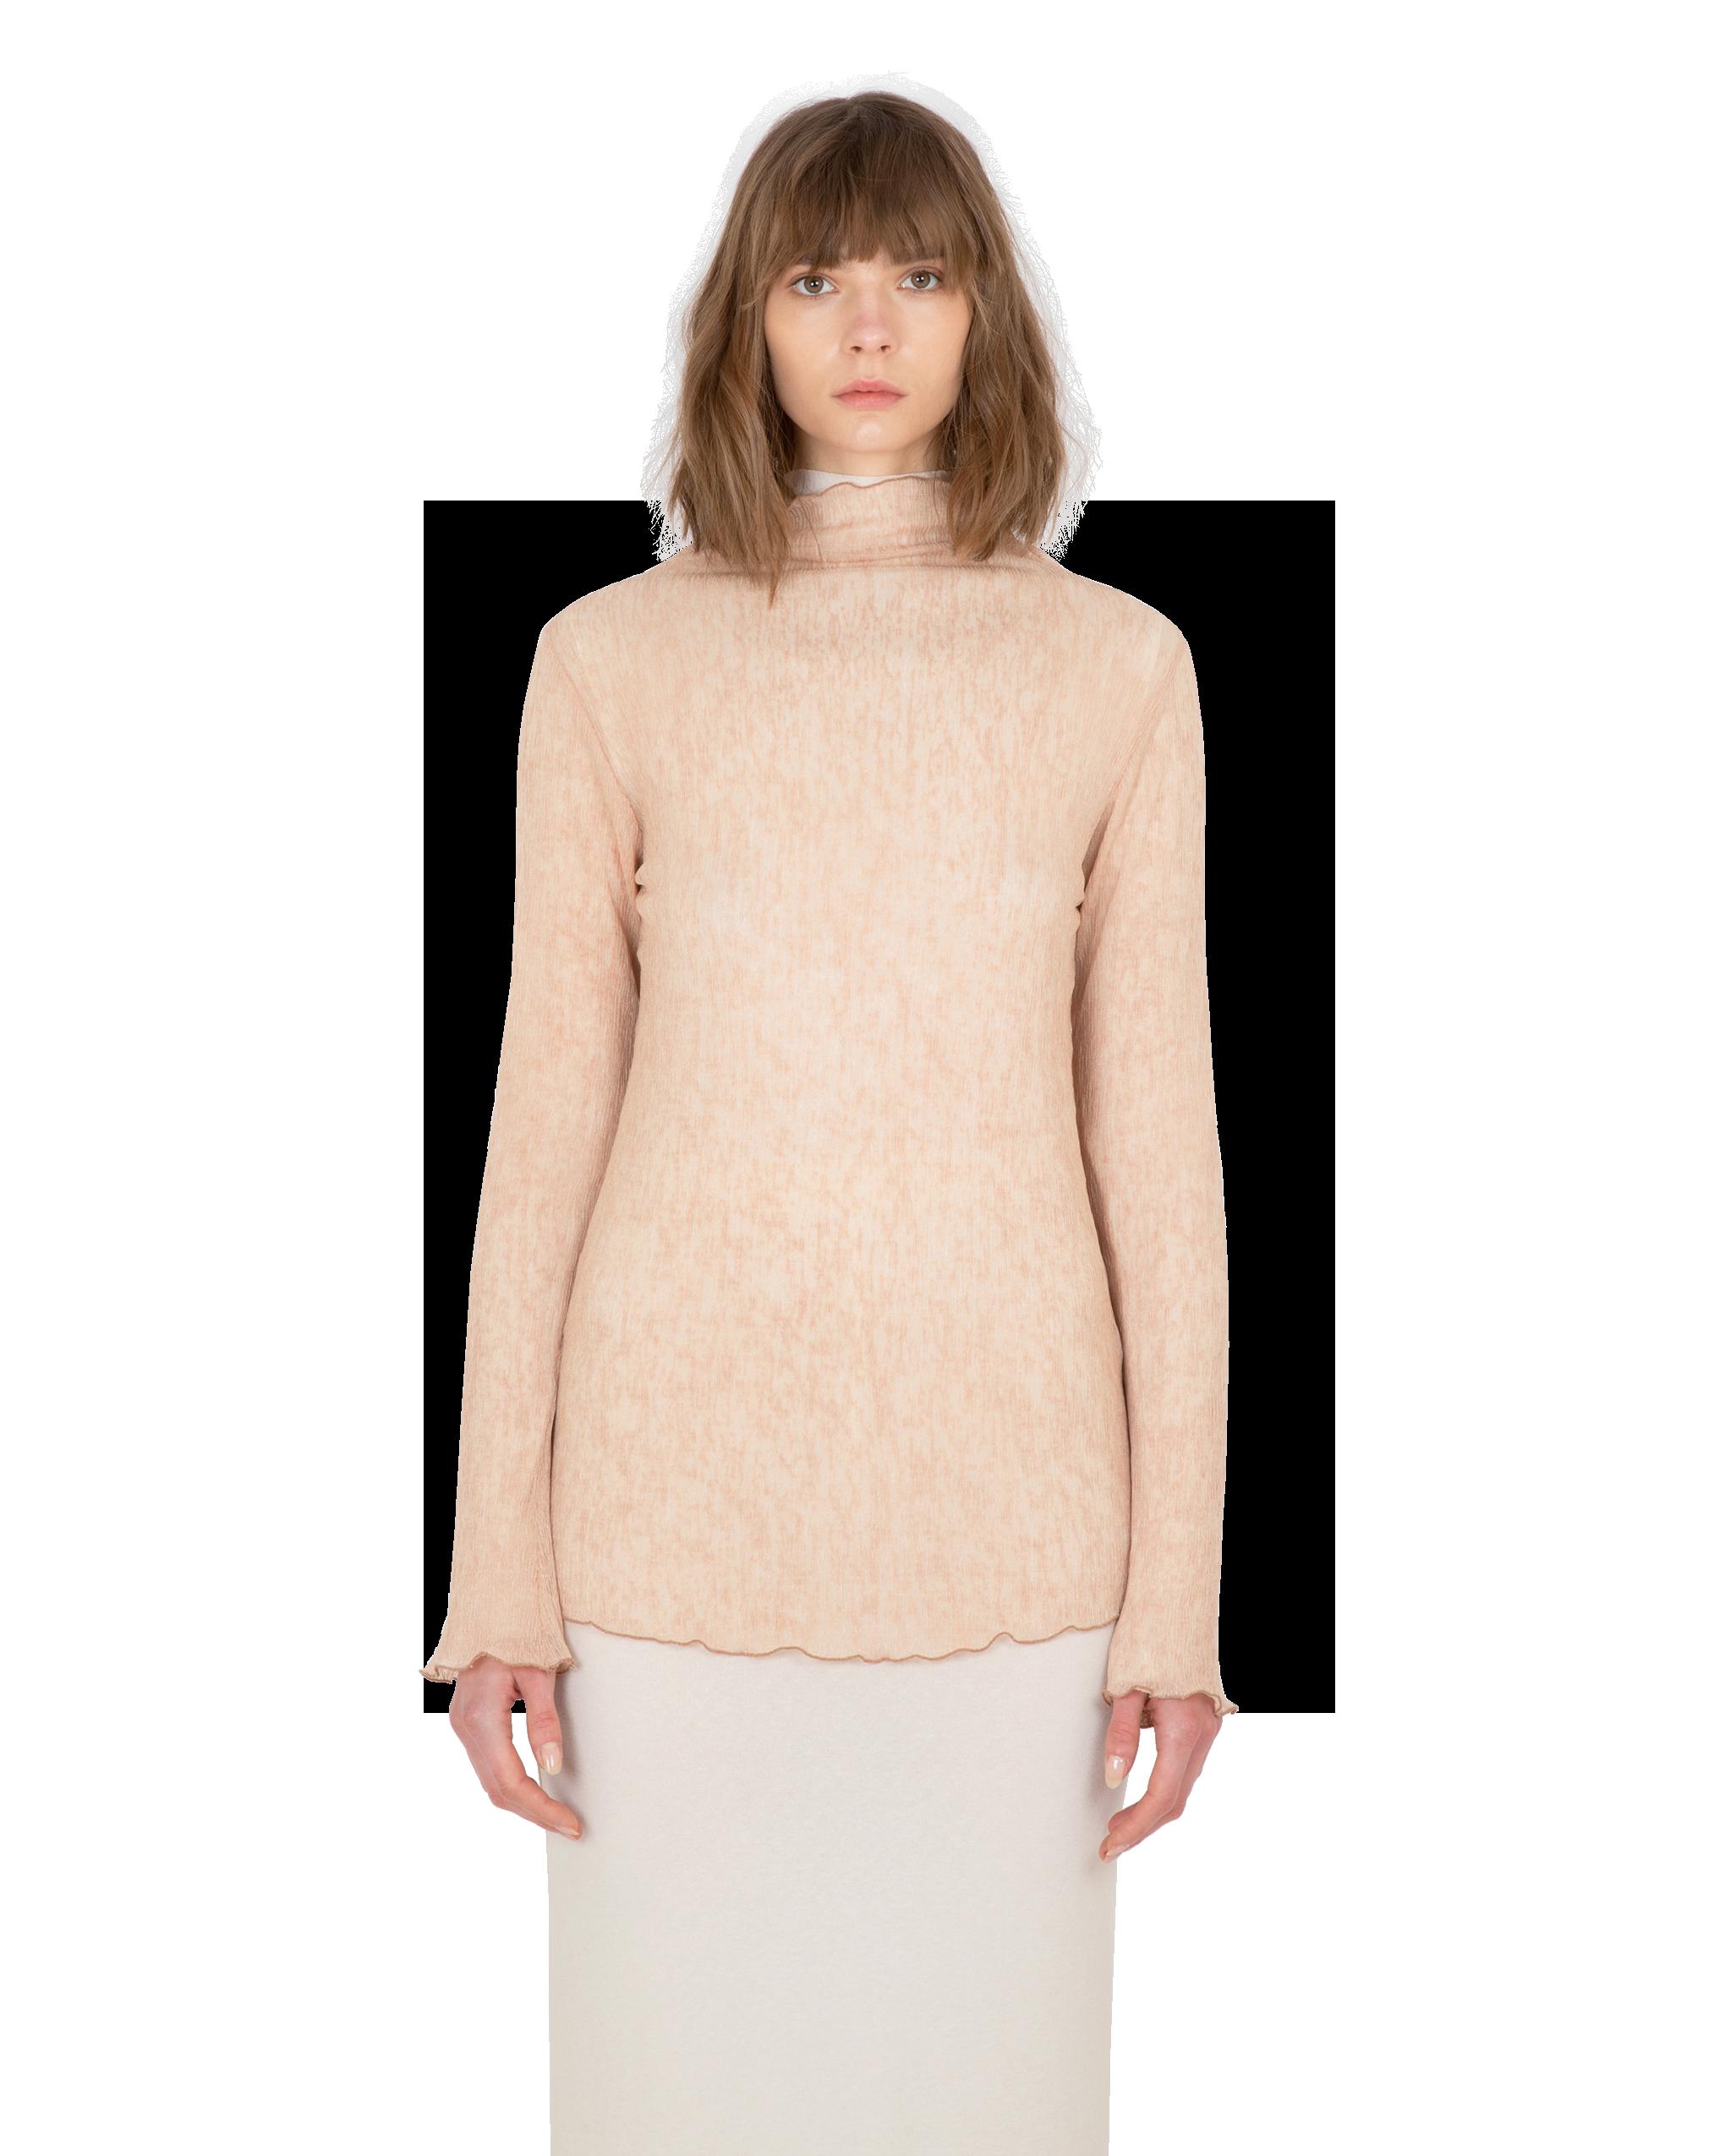 Model wearing EMIN + PAUL coral lettuce edge blouse.